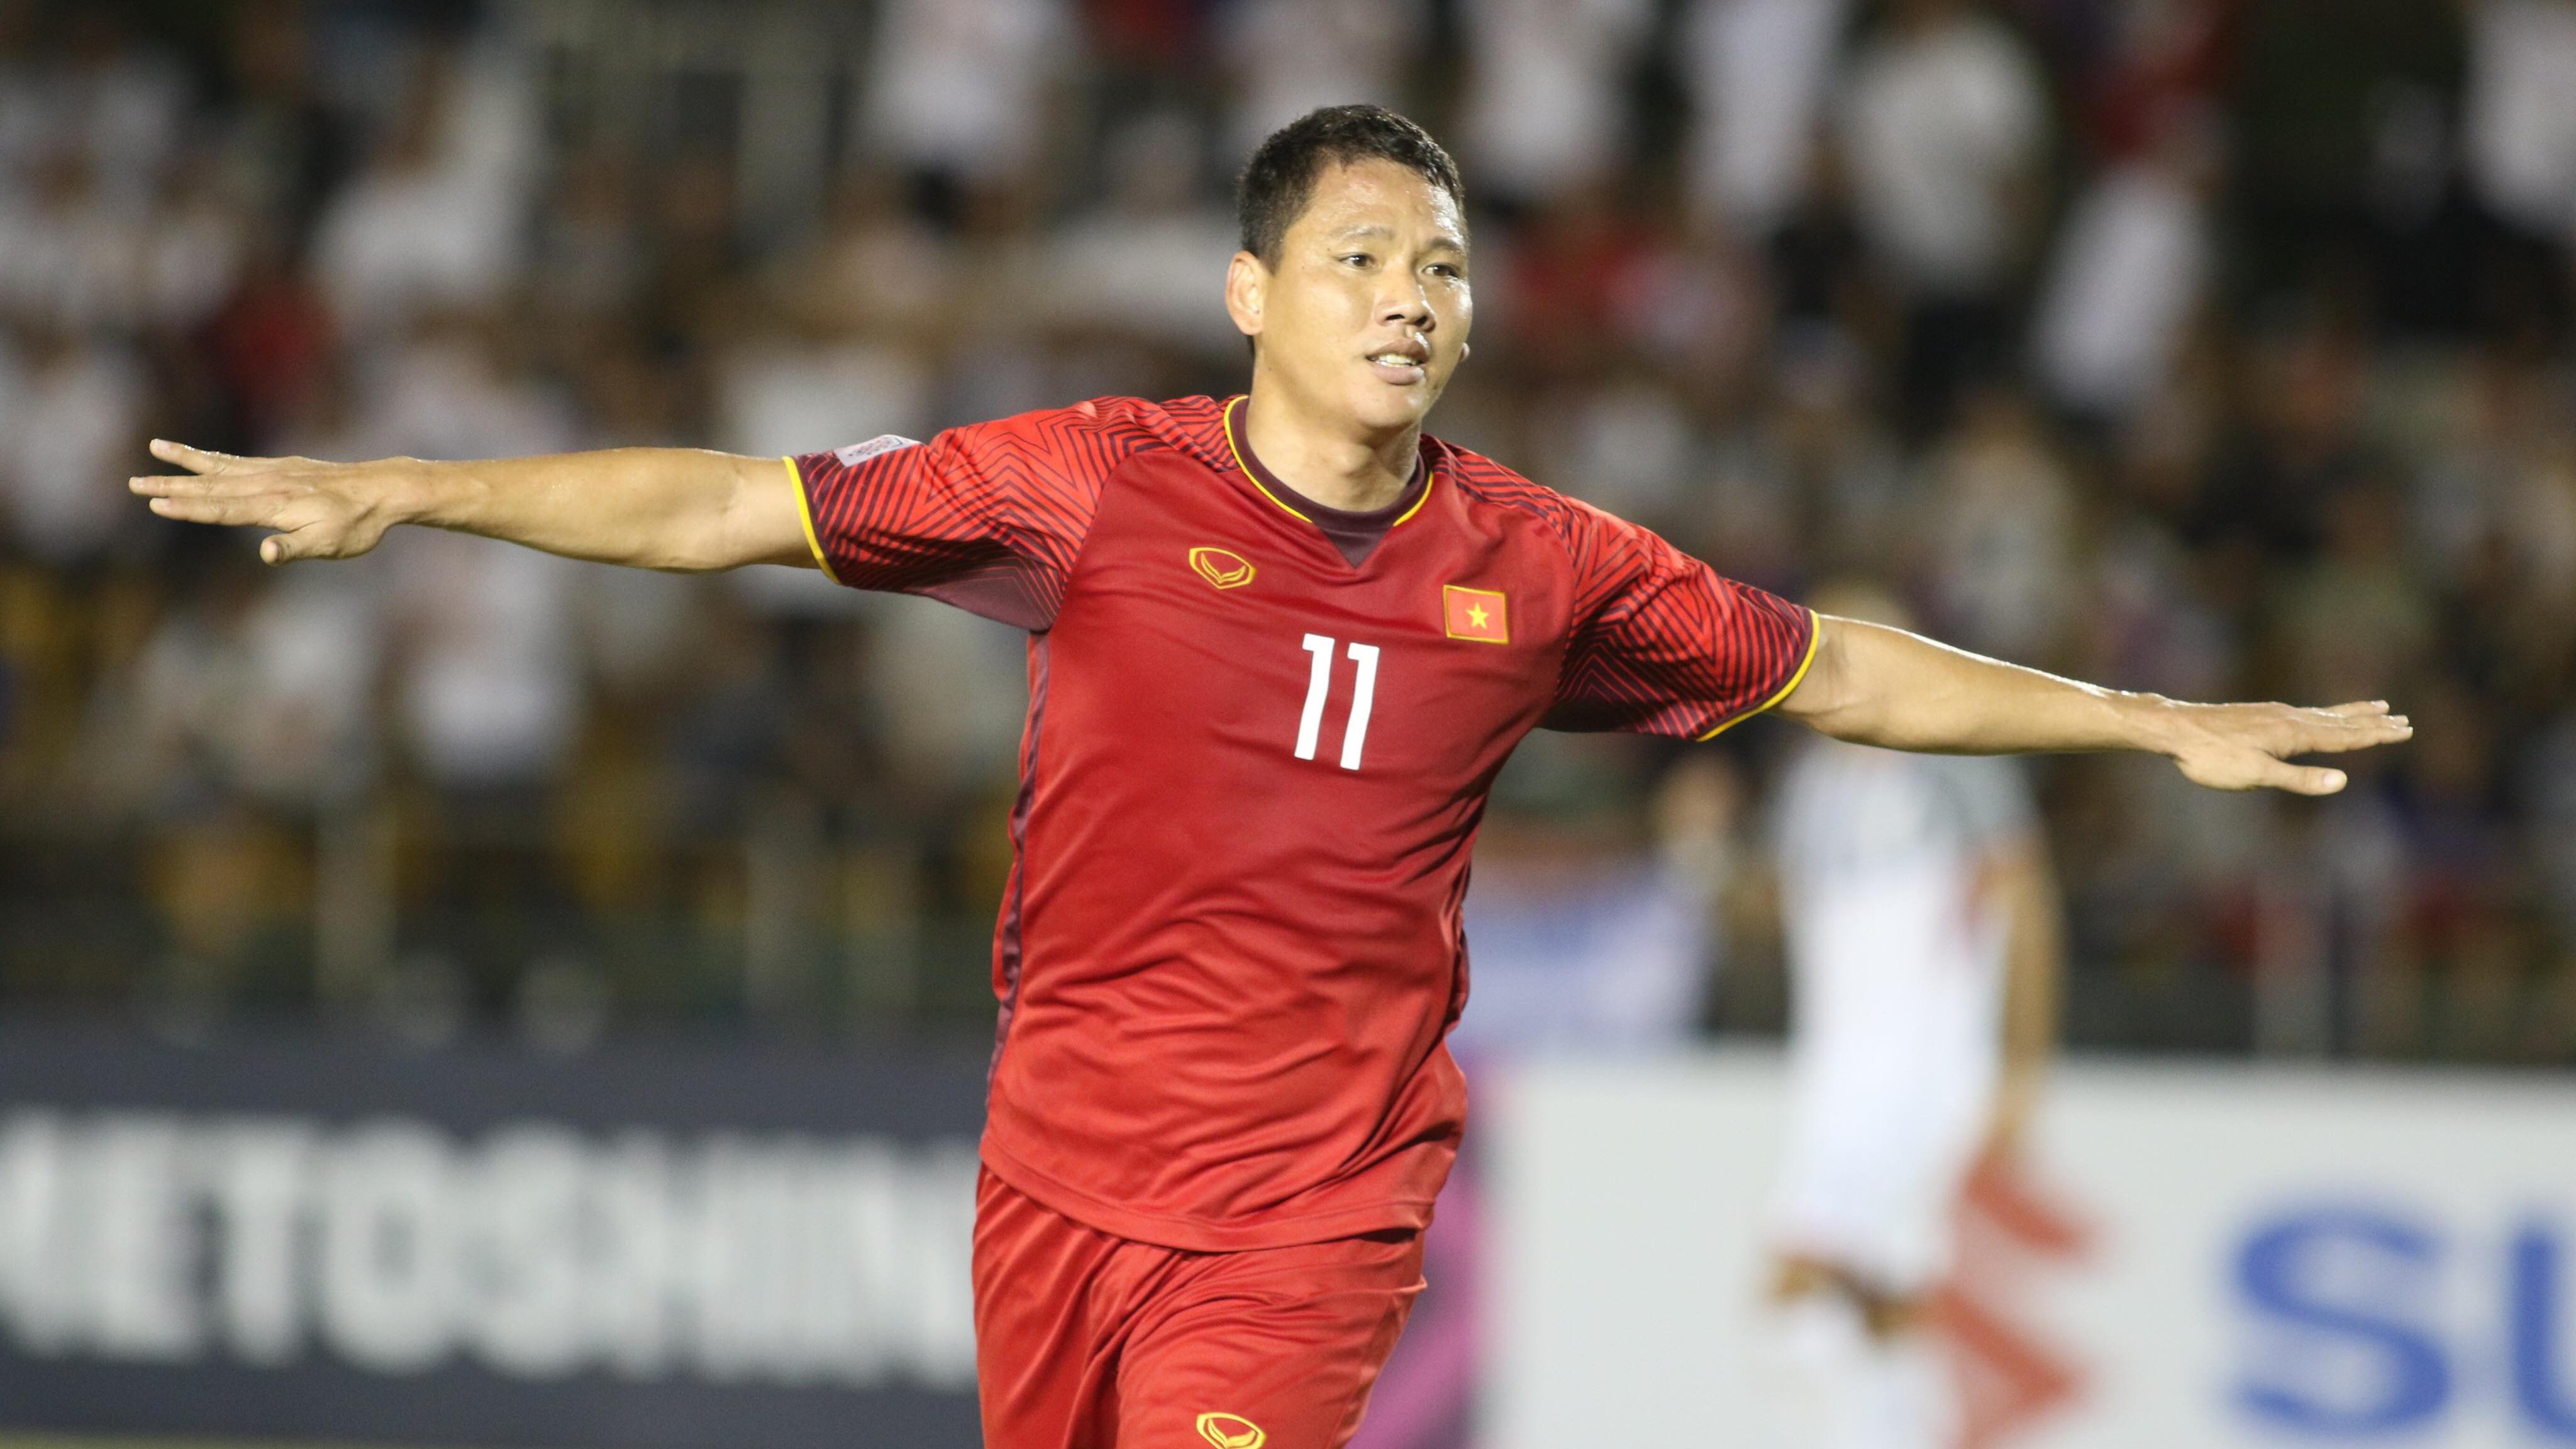 Anh Đức Philippines vs Việt Nam AFF Suzuki Cup 2018 (2)